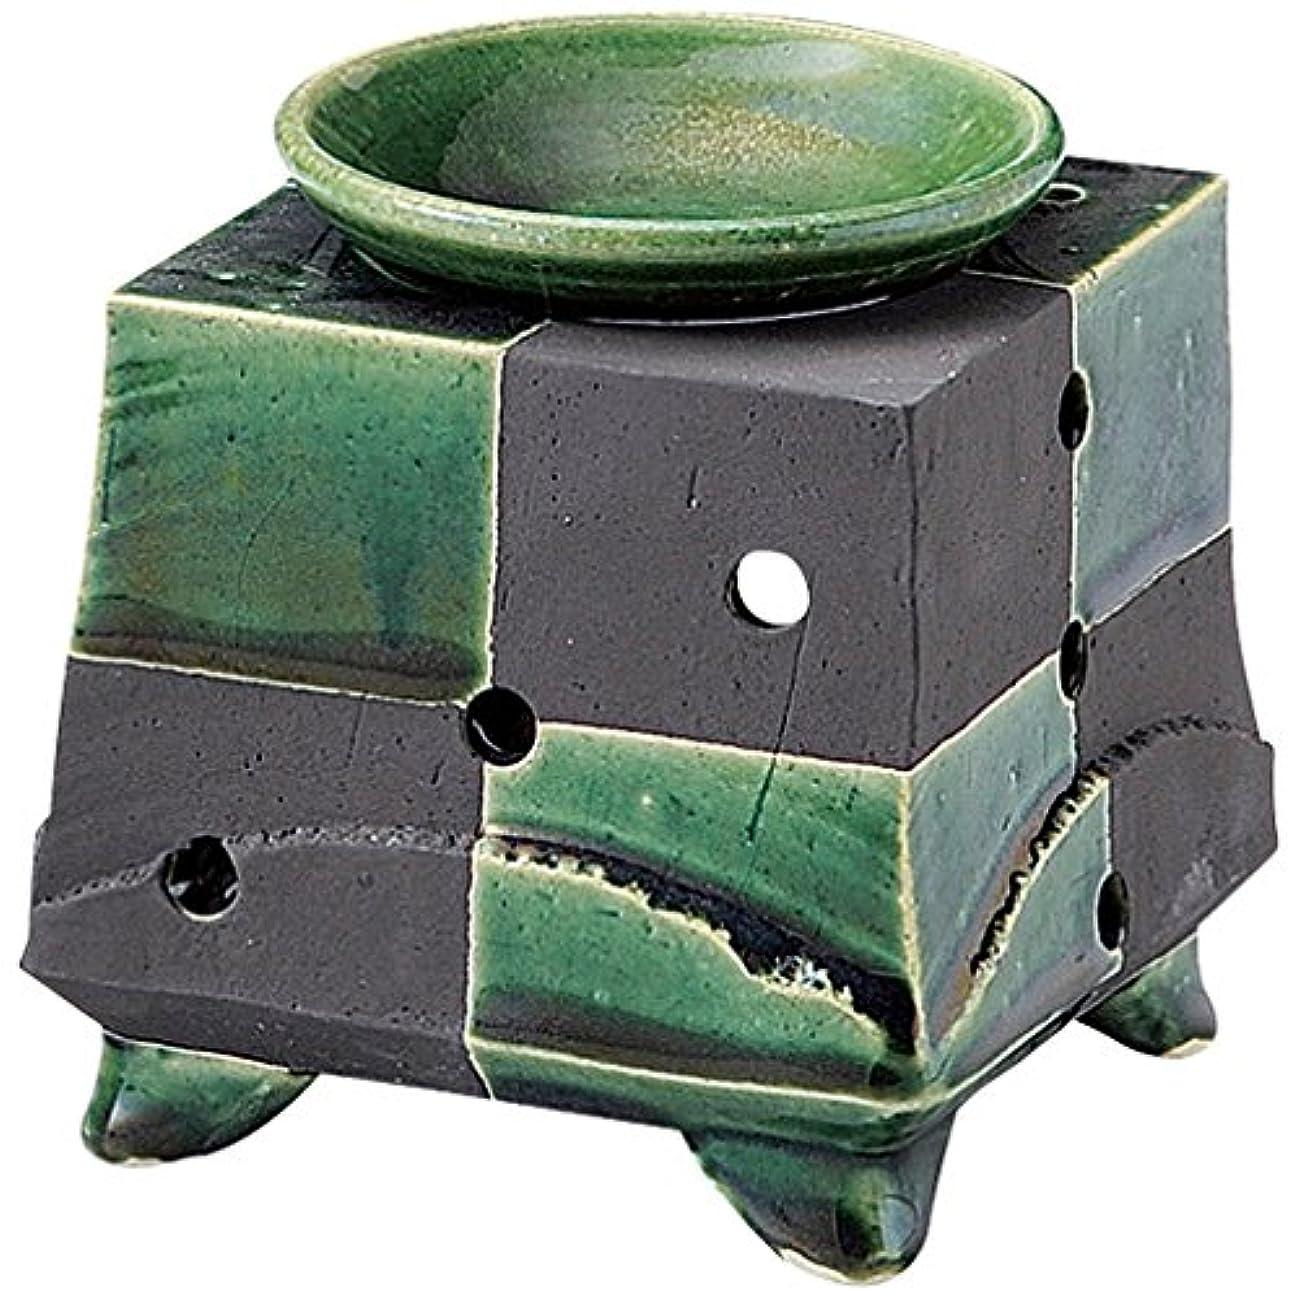 説得力のある復活させるコールド山下工芸 常滑焼 佳窯織部黒市松茶香炉 11.5×11.5×11.5cm 13045770